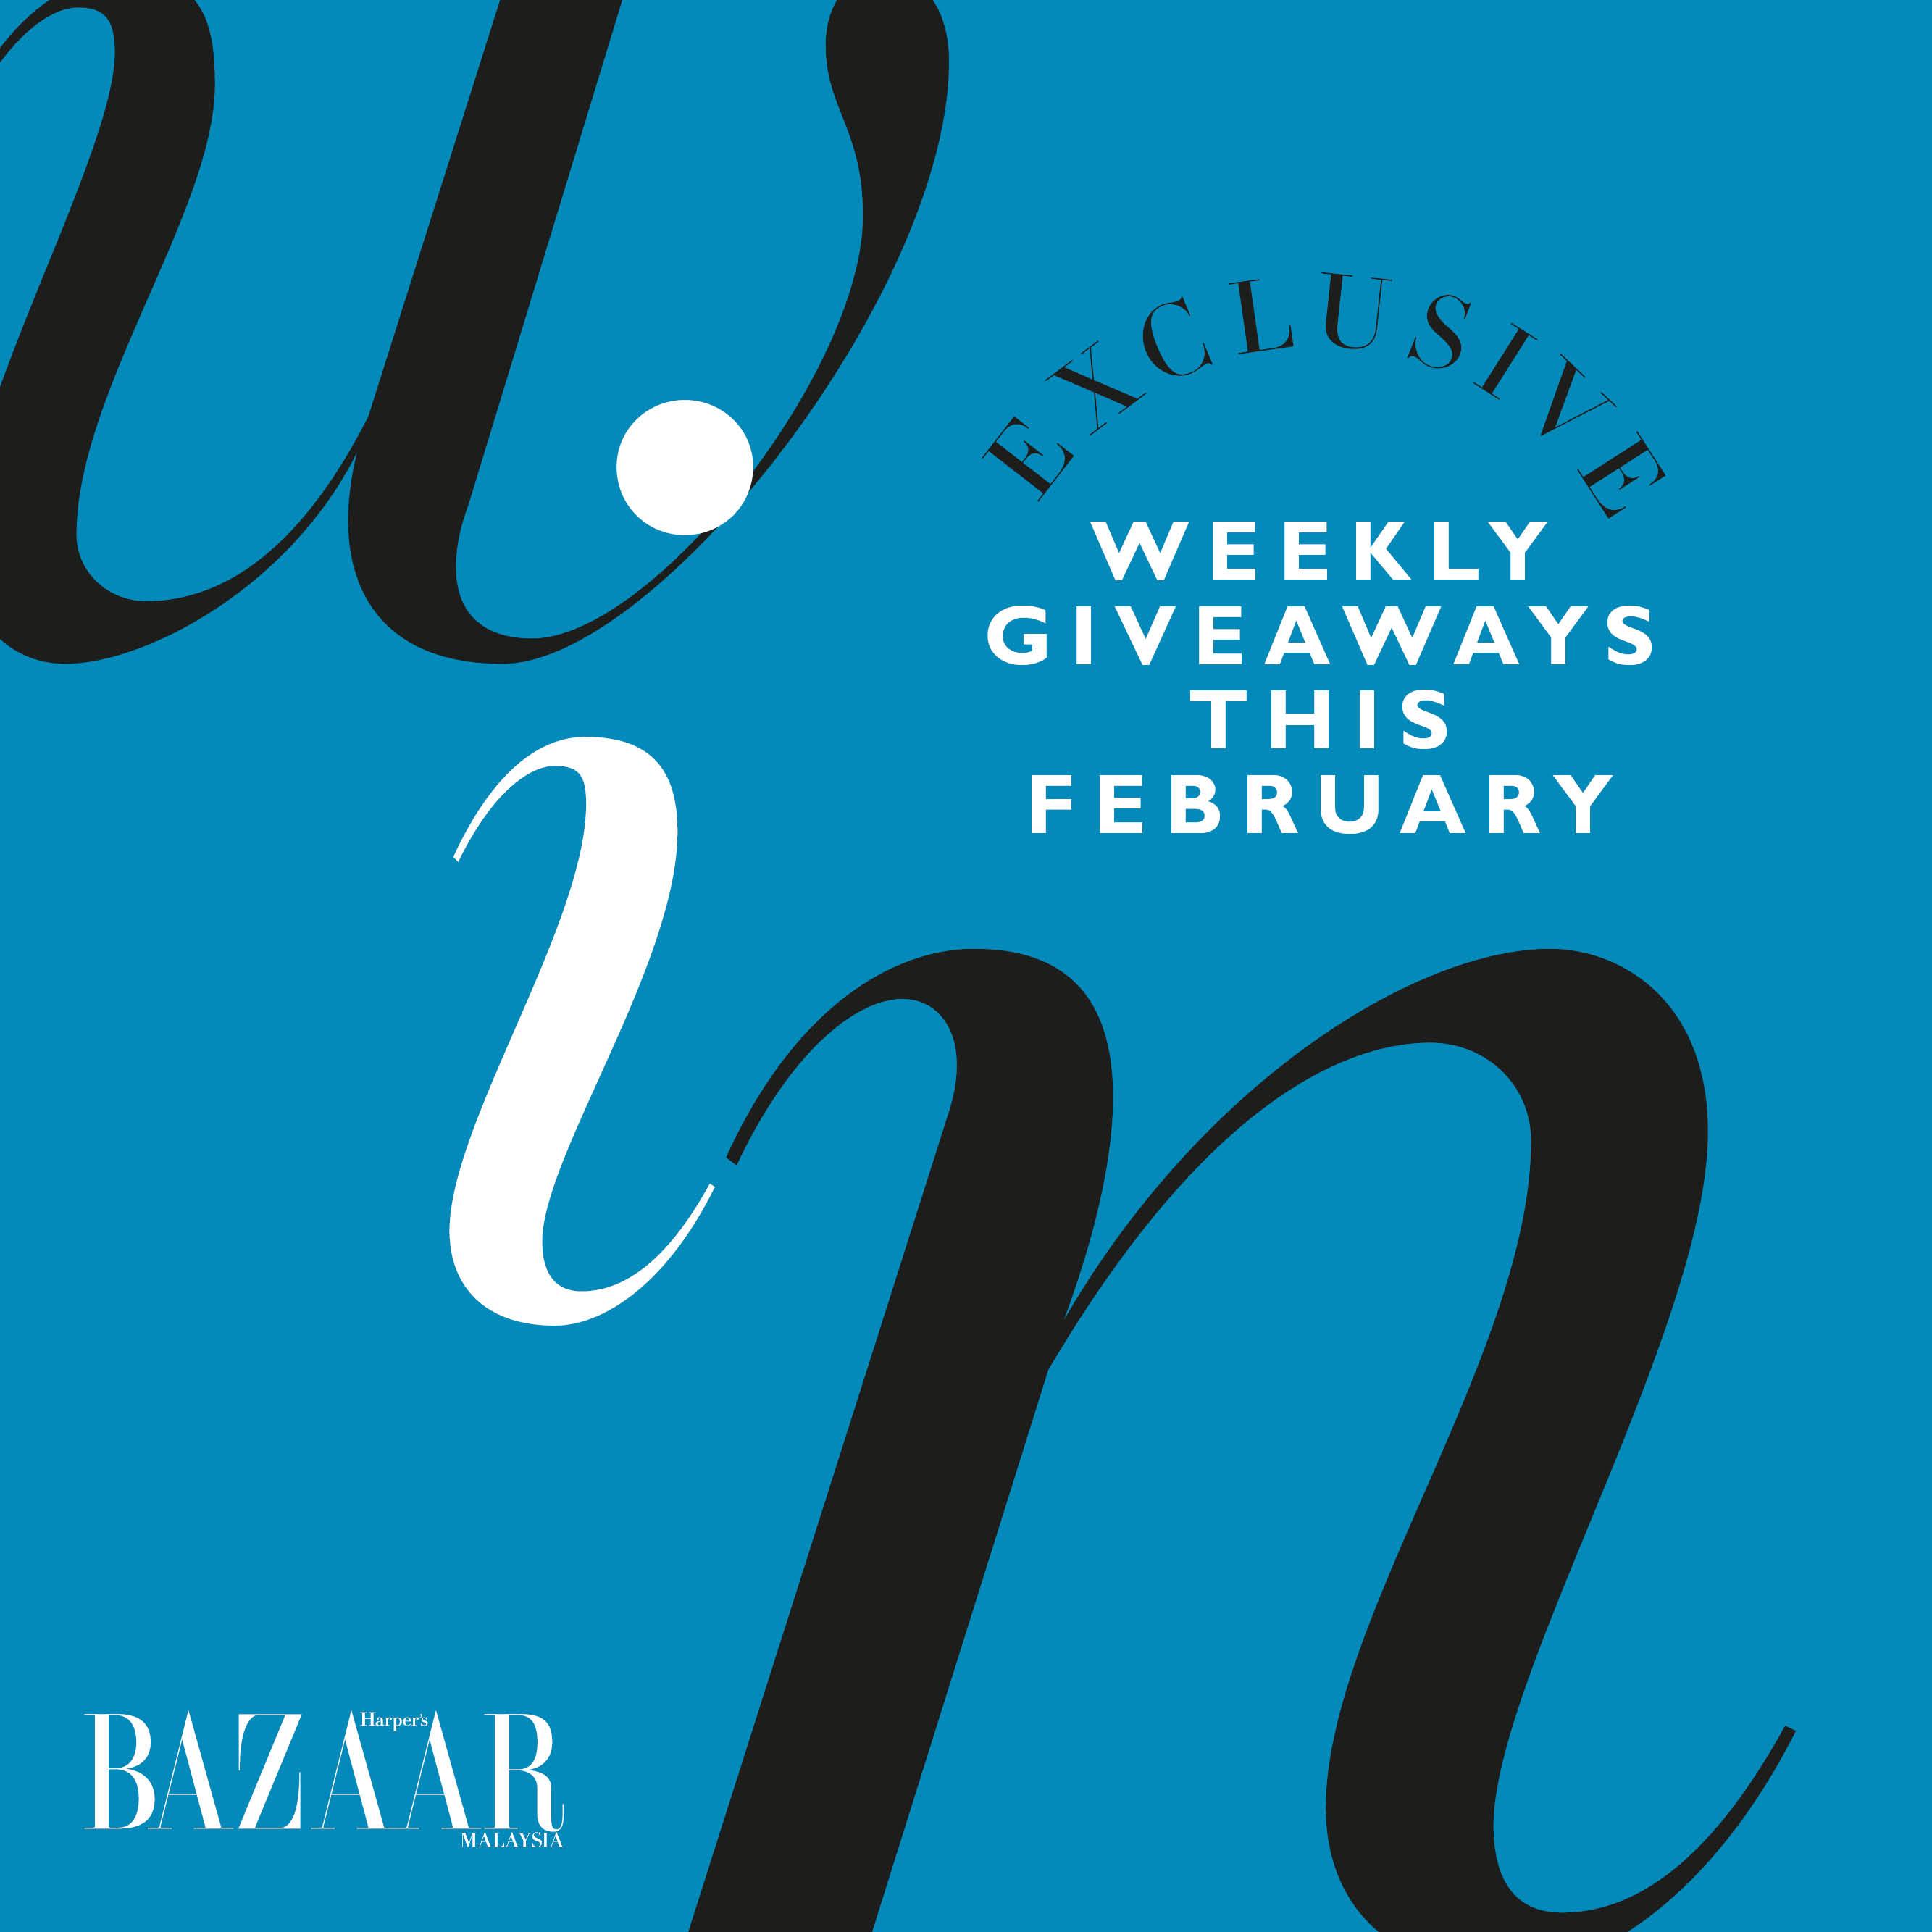 Harpers bazaar luxury sweepstakes 2018